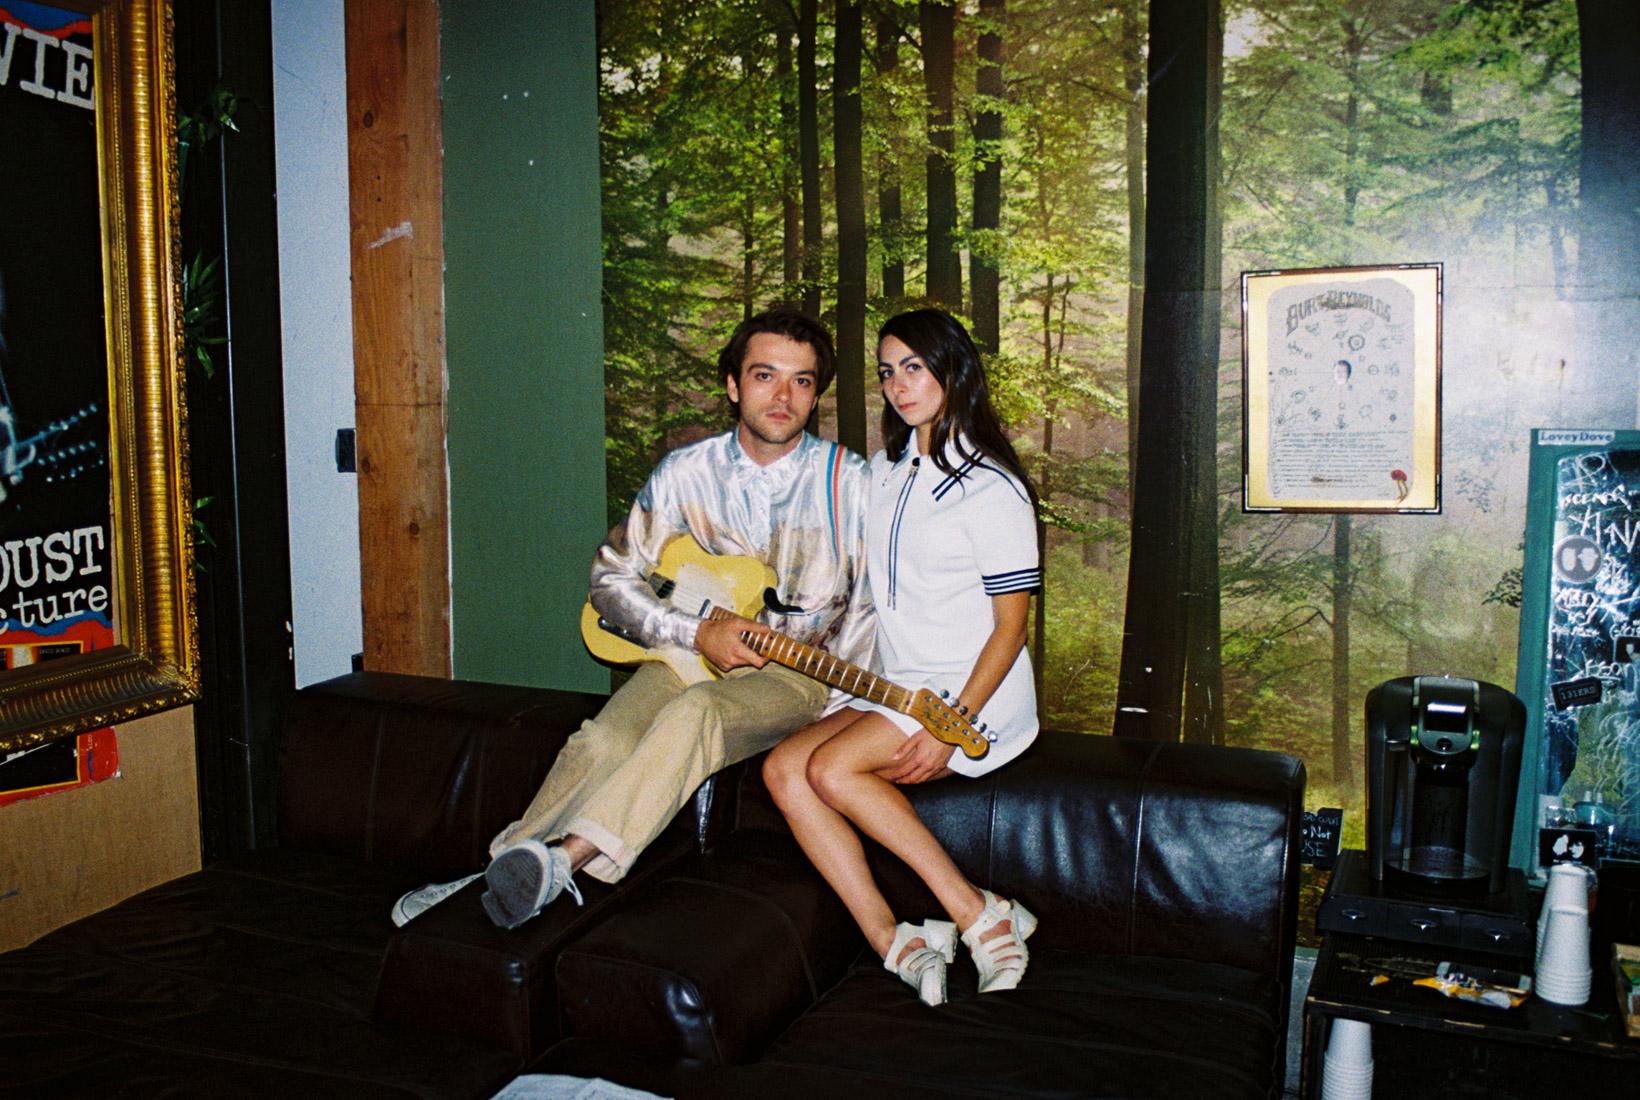 Cara and Garrett backstage at Bootleg